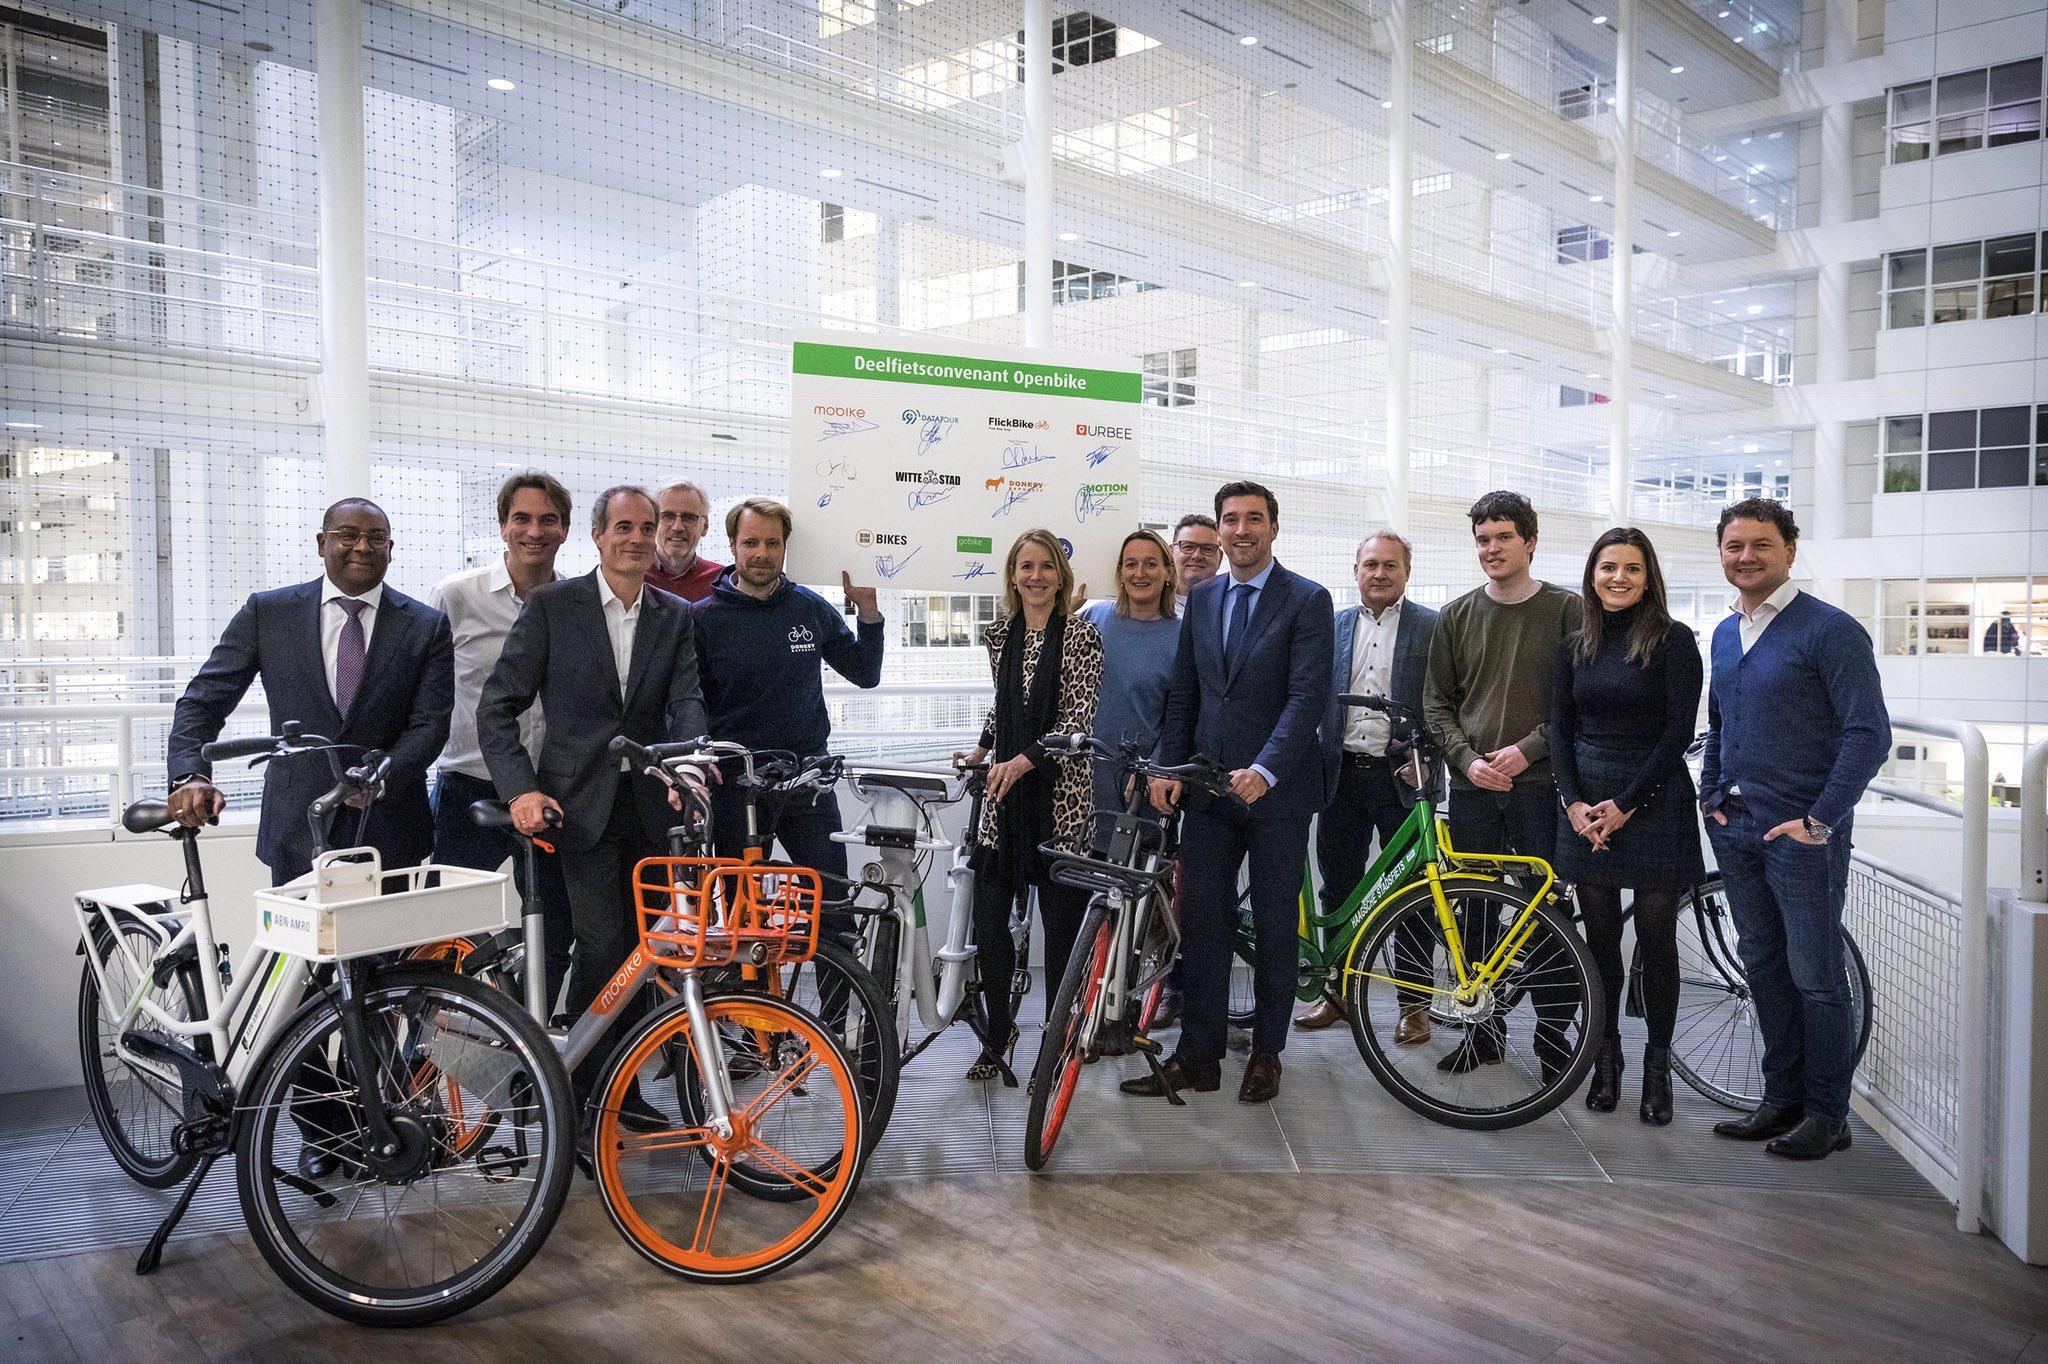 """Elf aanbieders van deelfietsen ondertekenden vandaag in Den Haag het deelfietsconventant """"open bike"""". Hiermee moet het gebruik van deelfietsen nog makkelijker worden. @SvVeldhoven en @RvanAsten (namens 5 grote steden) zijn blij met deze samenwerking. https://t.co/gVKHDDp0TV"""